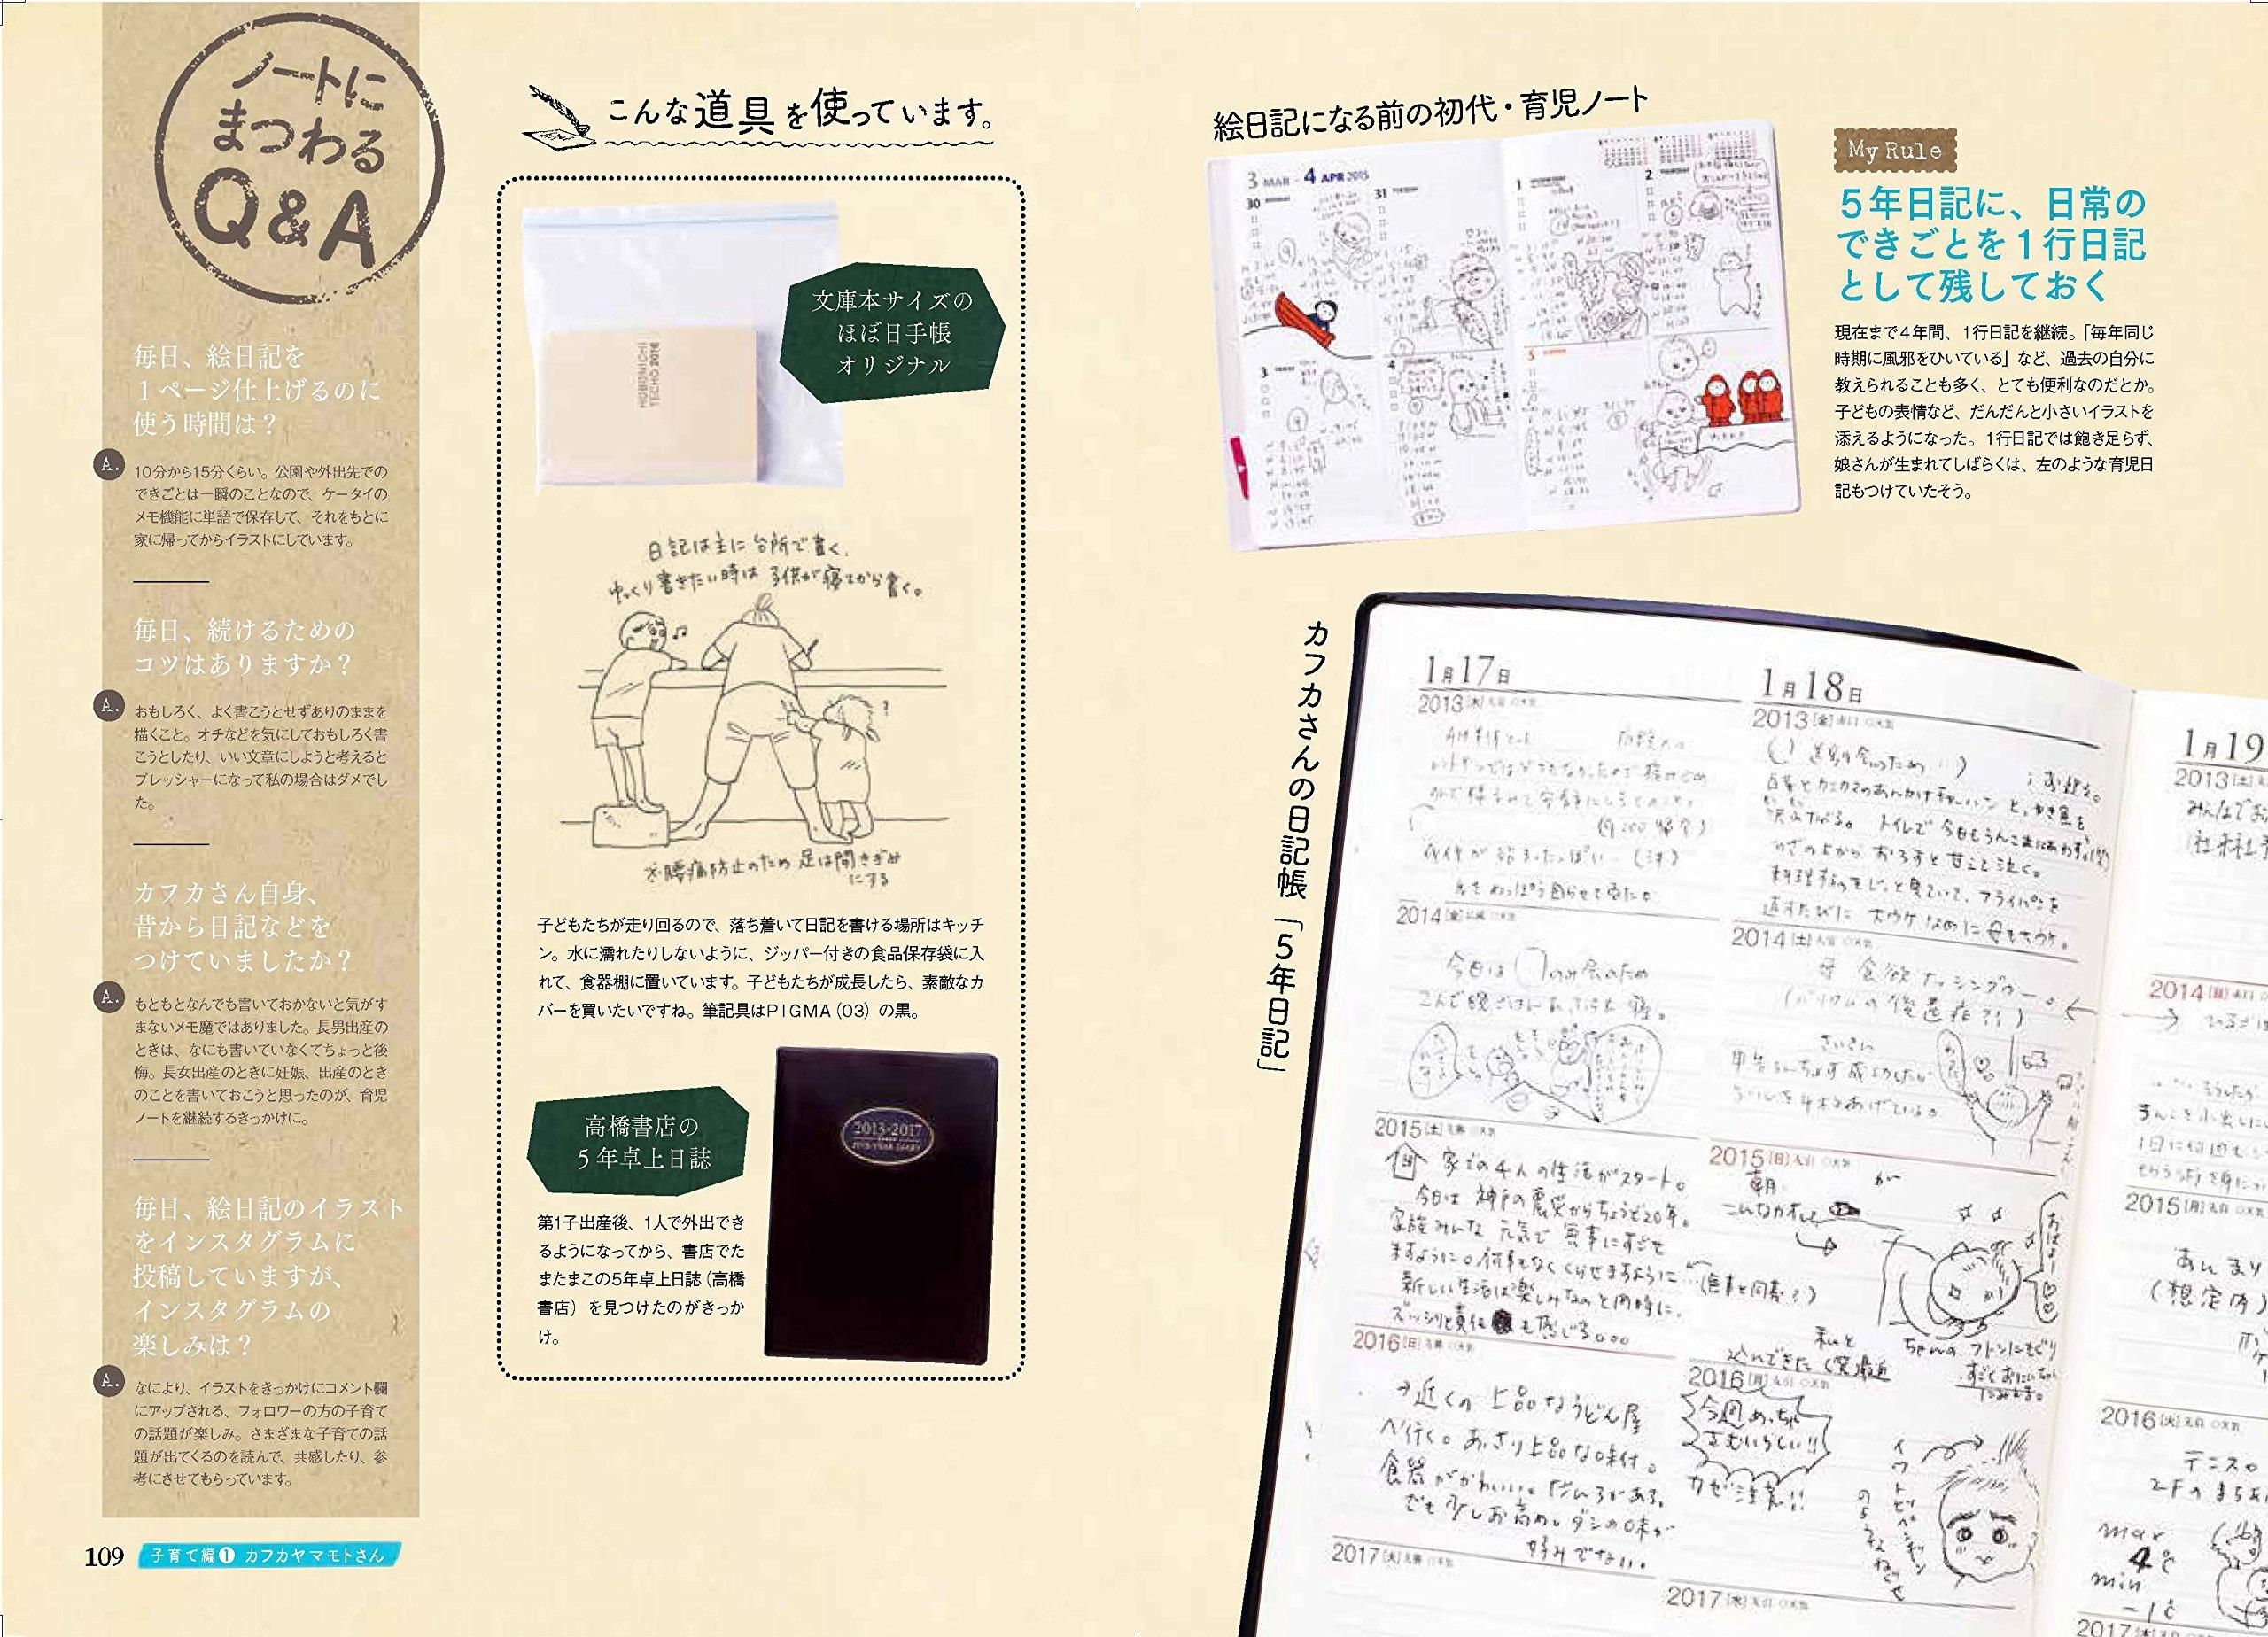 『家しごとがもっと楽しくなるノート術』イメージ画像